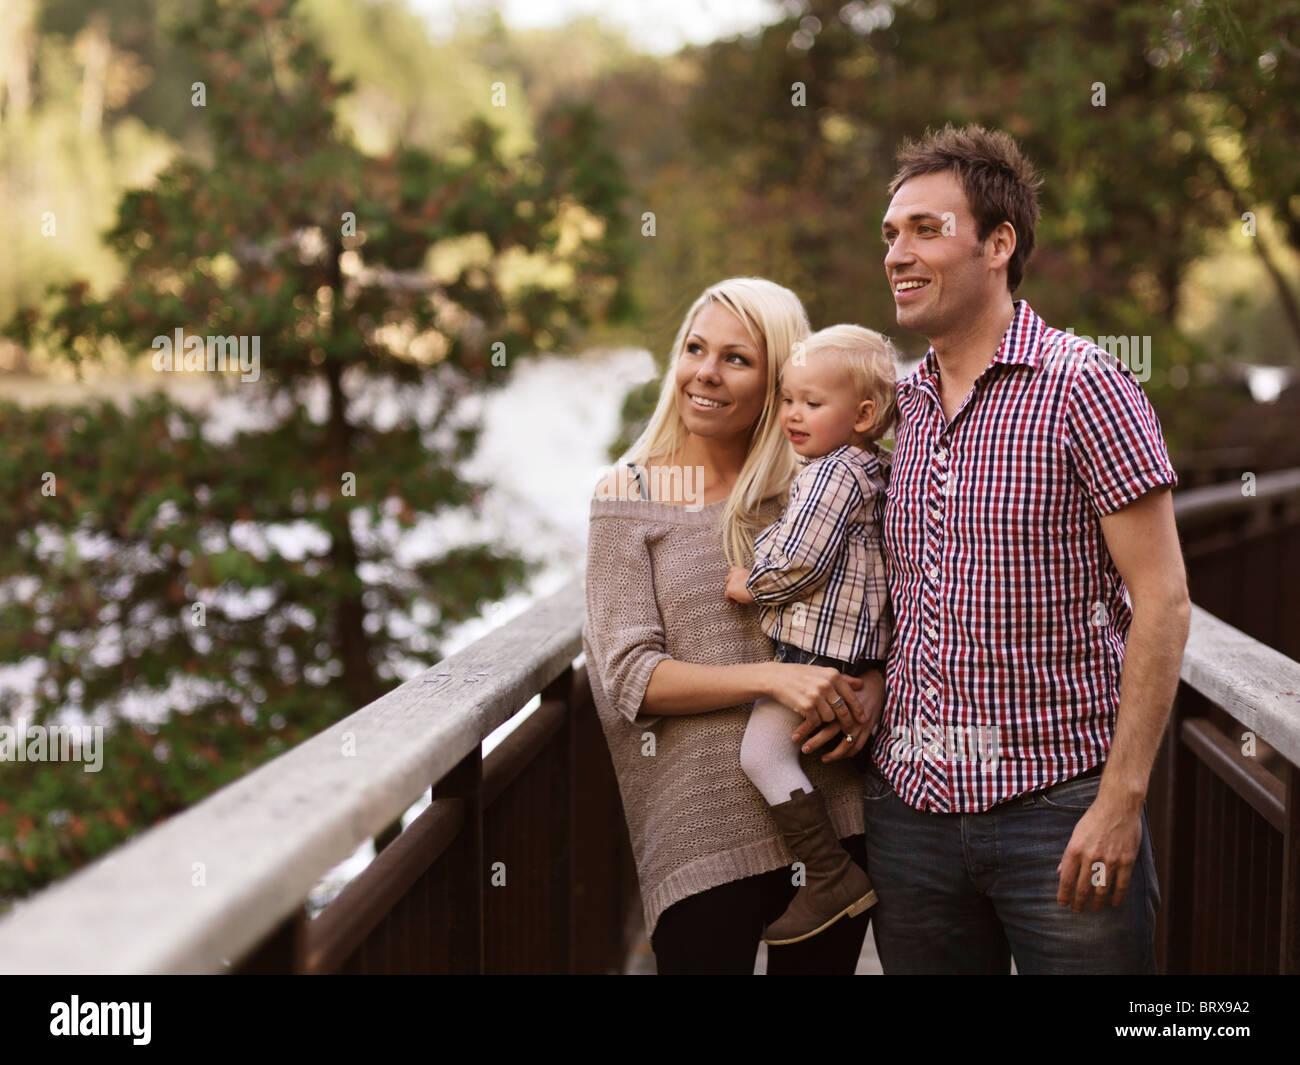 Feliz sonriente joven padres y una niña de dos años, disfrutando de la naturaleza vista desde un puente. Imagen De Stock